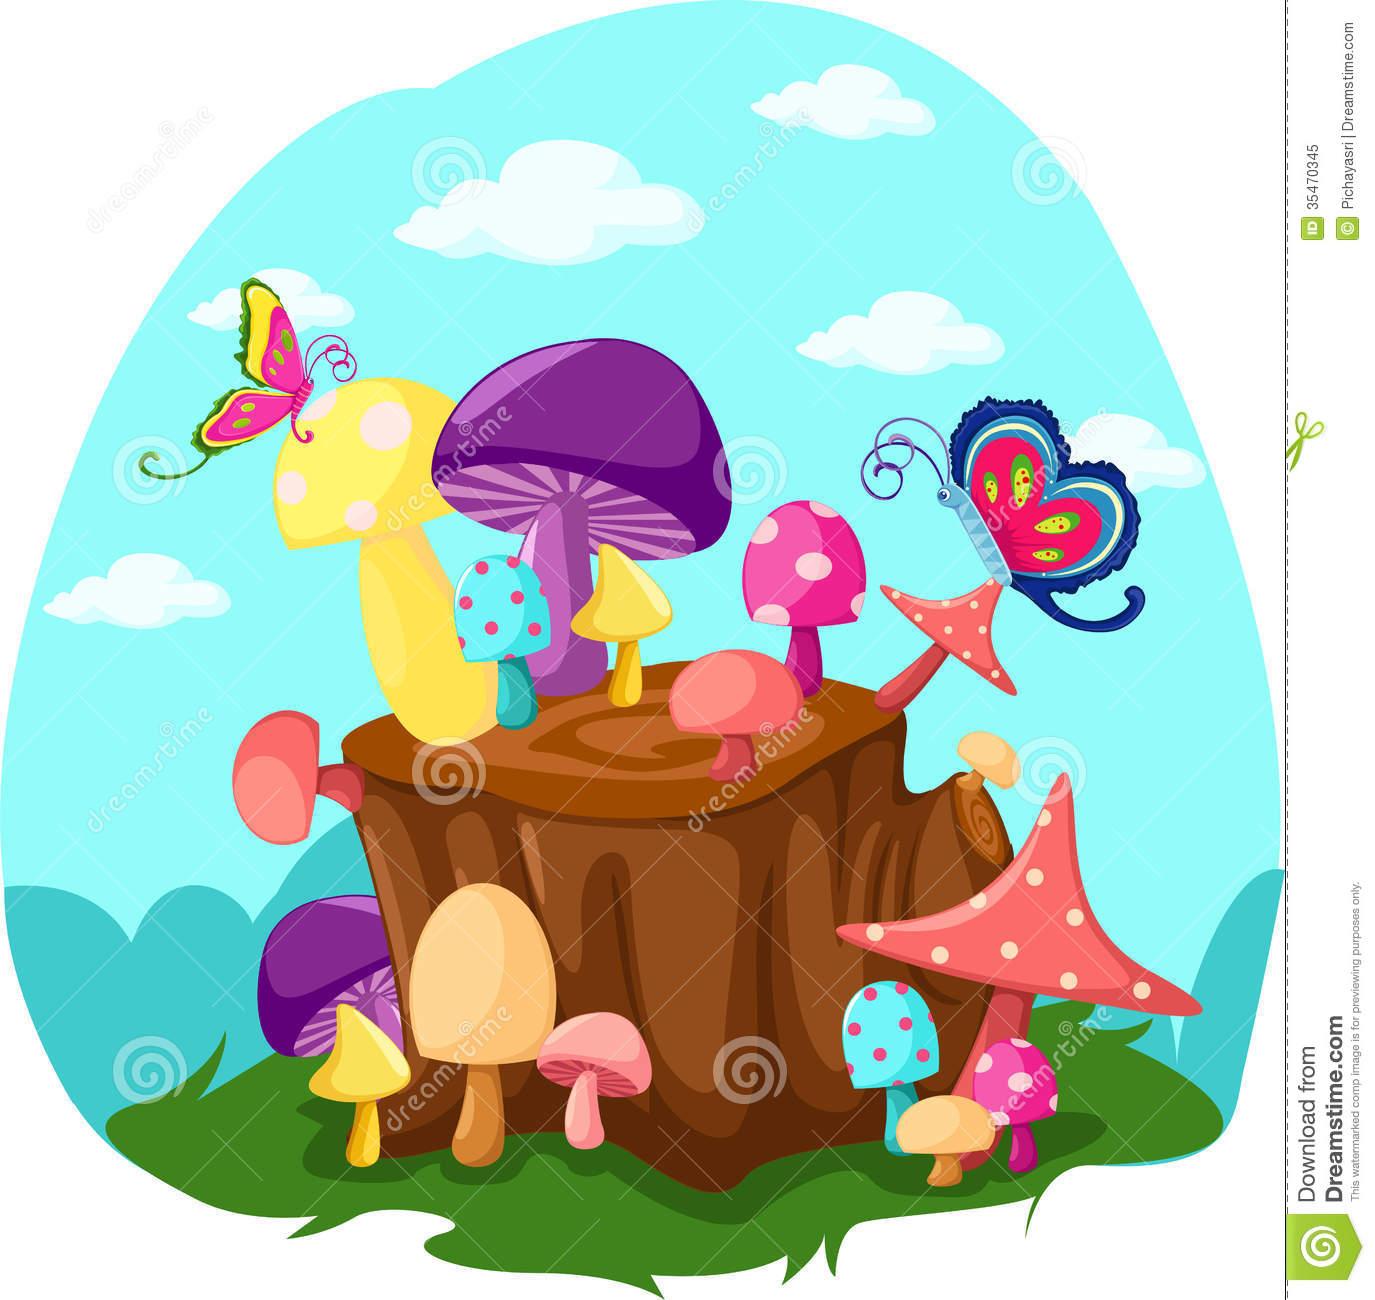 Mushroom tree stump clipart cartoon.